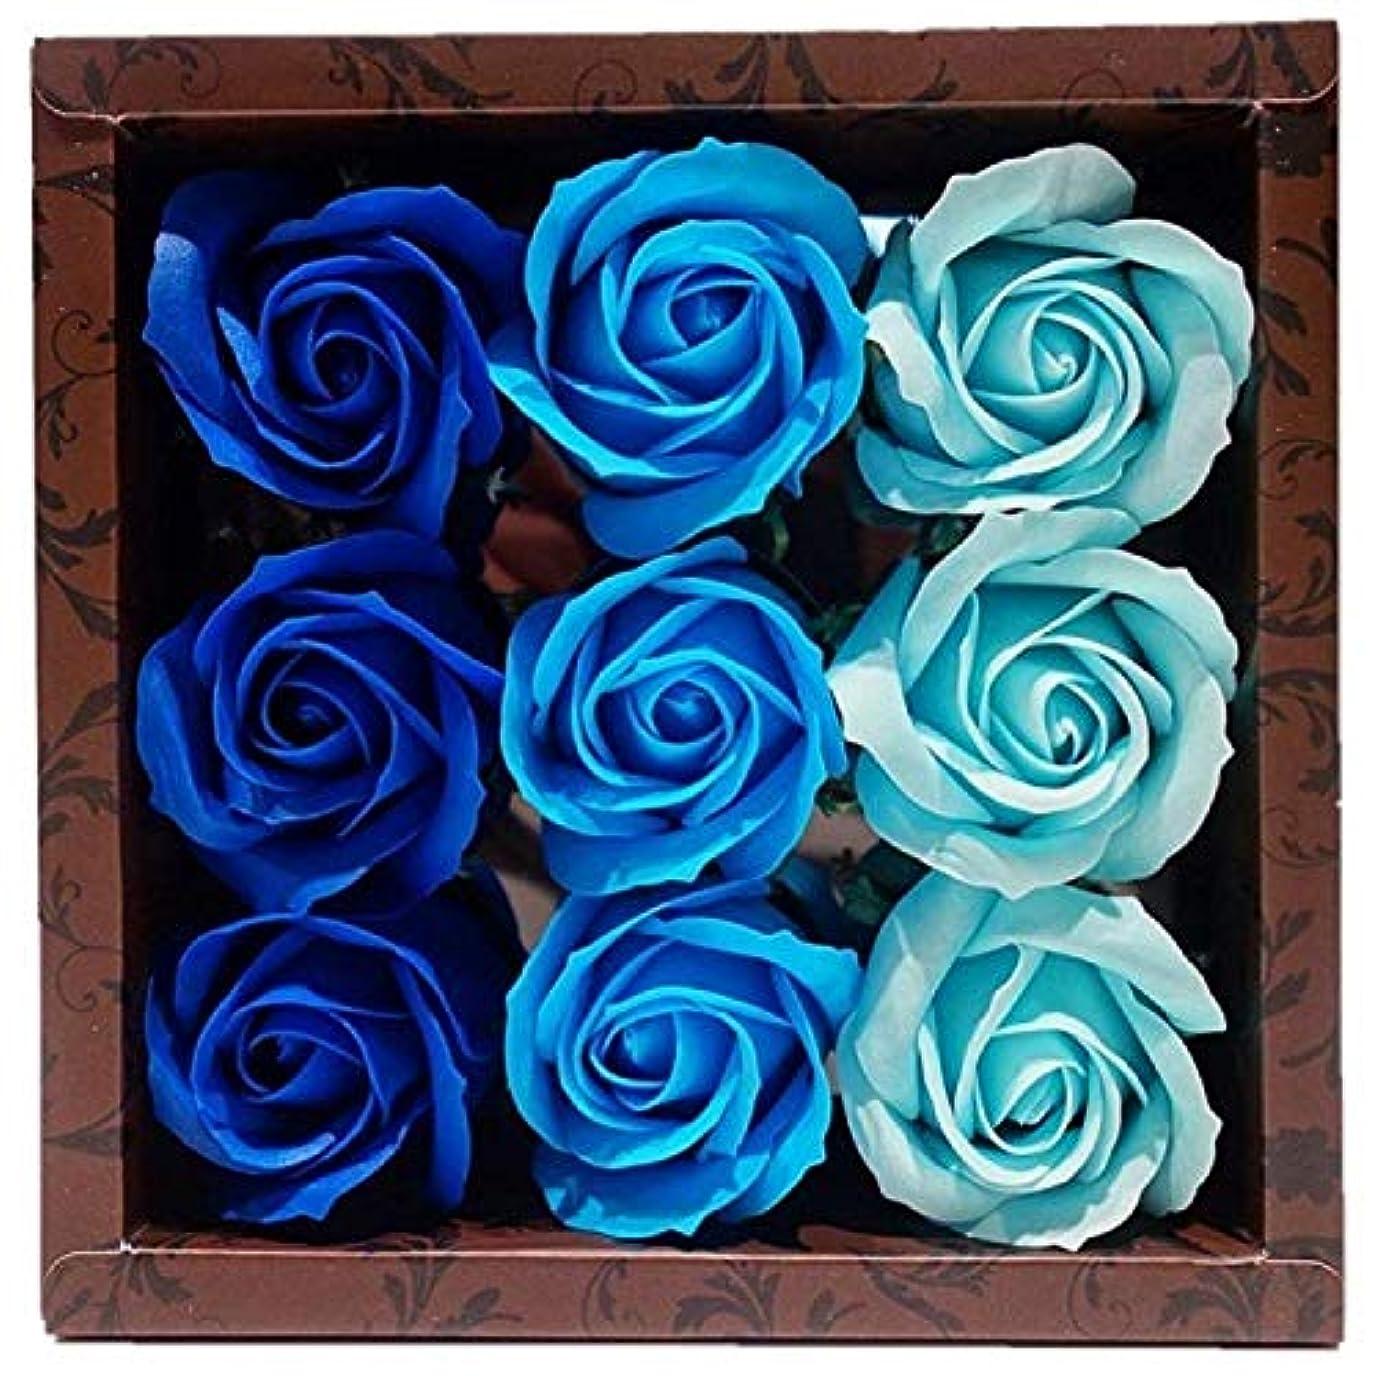 ブーム原稿くびれたバスフレグランス バスフラワー ローズフレグランス ブルーカラー ギフト お花の形の入浴剤 ばら